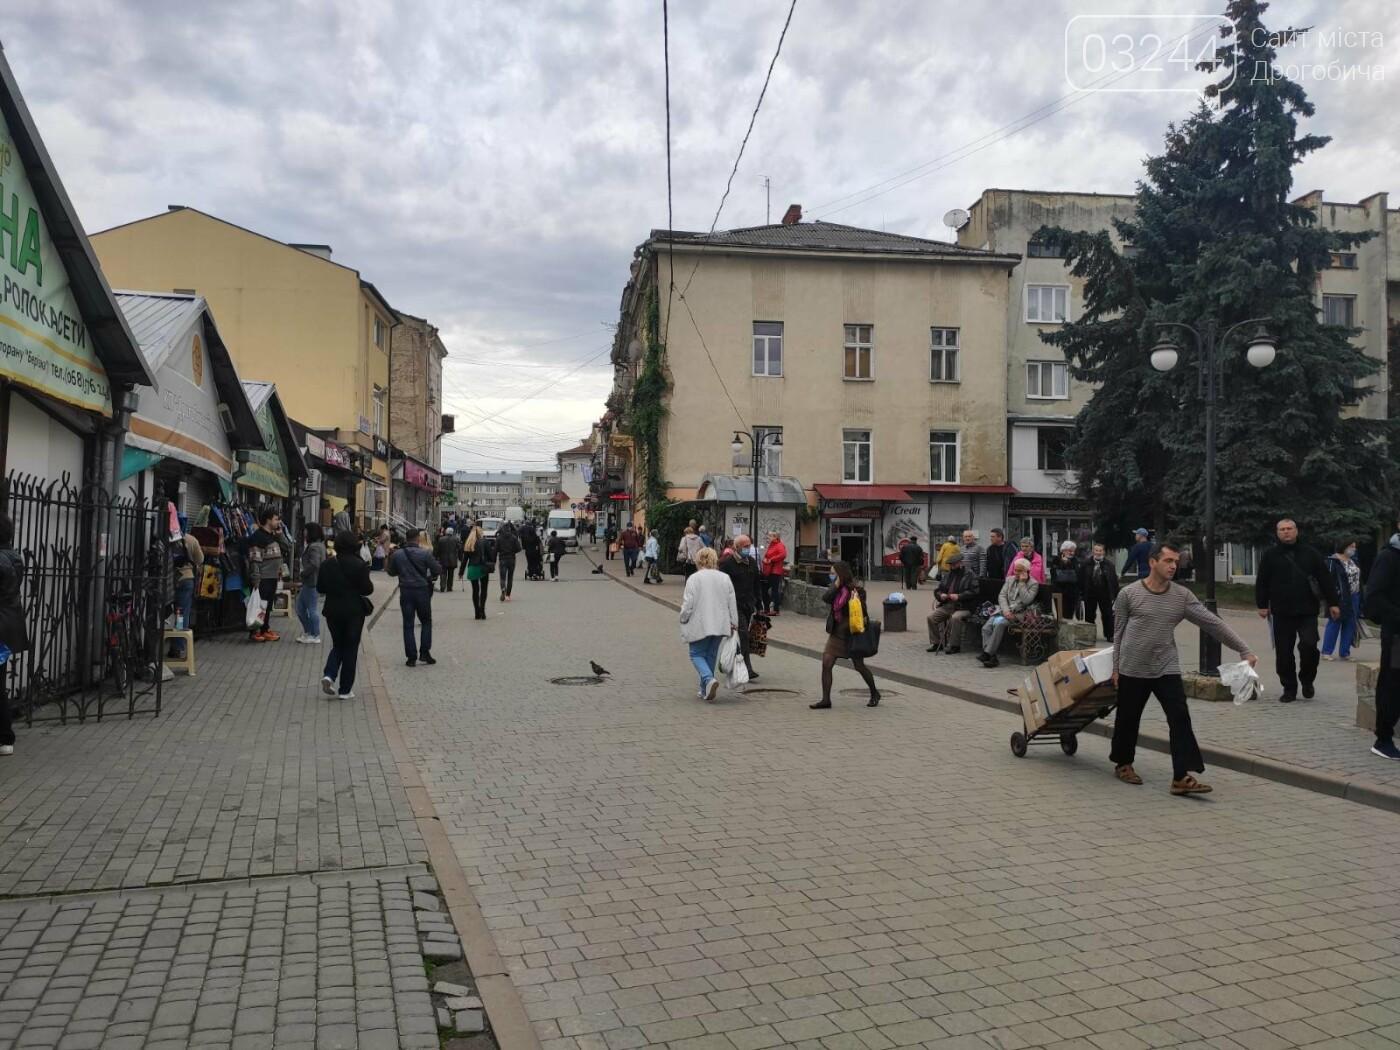 У Дрогобичі зрушення - стихійні торговці із Ковальської перейшли на новооблаштований ринок, - ФОТОРЕПОРТАЖ, фото-8